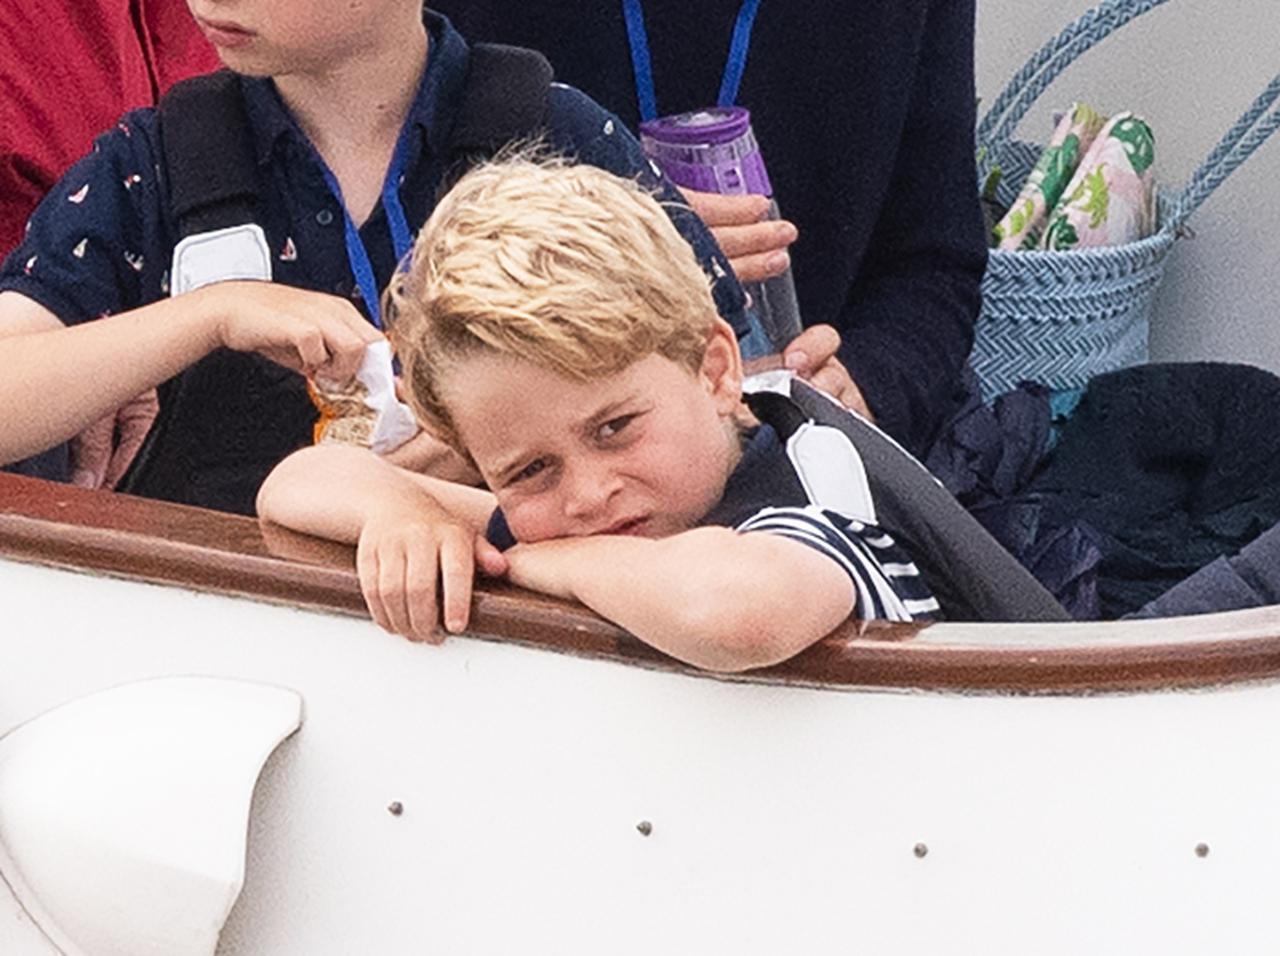 画像: ジョージ王子、4歳下弟ルイ王子に「ある事」で先を越されてムッとしてしまう - フロントロウ -海外セレブ情報を発信